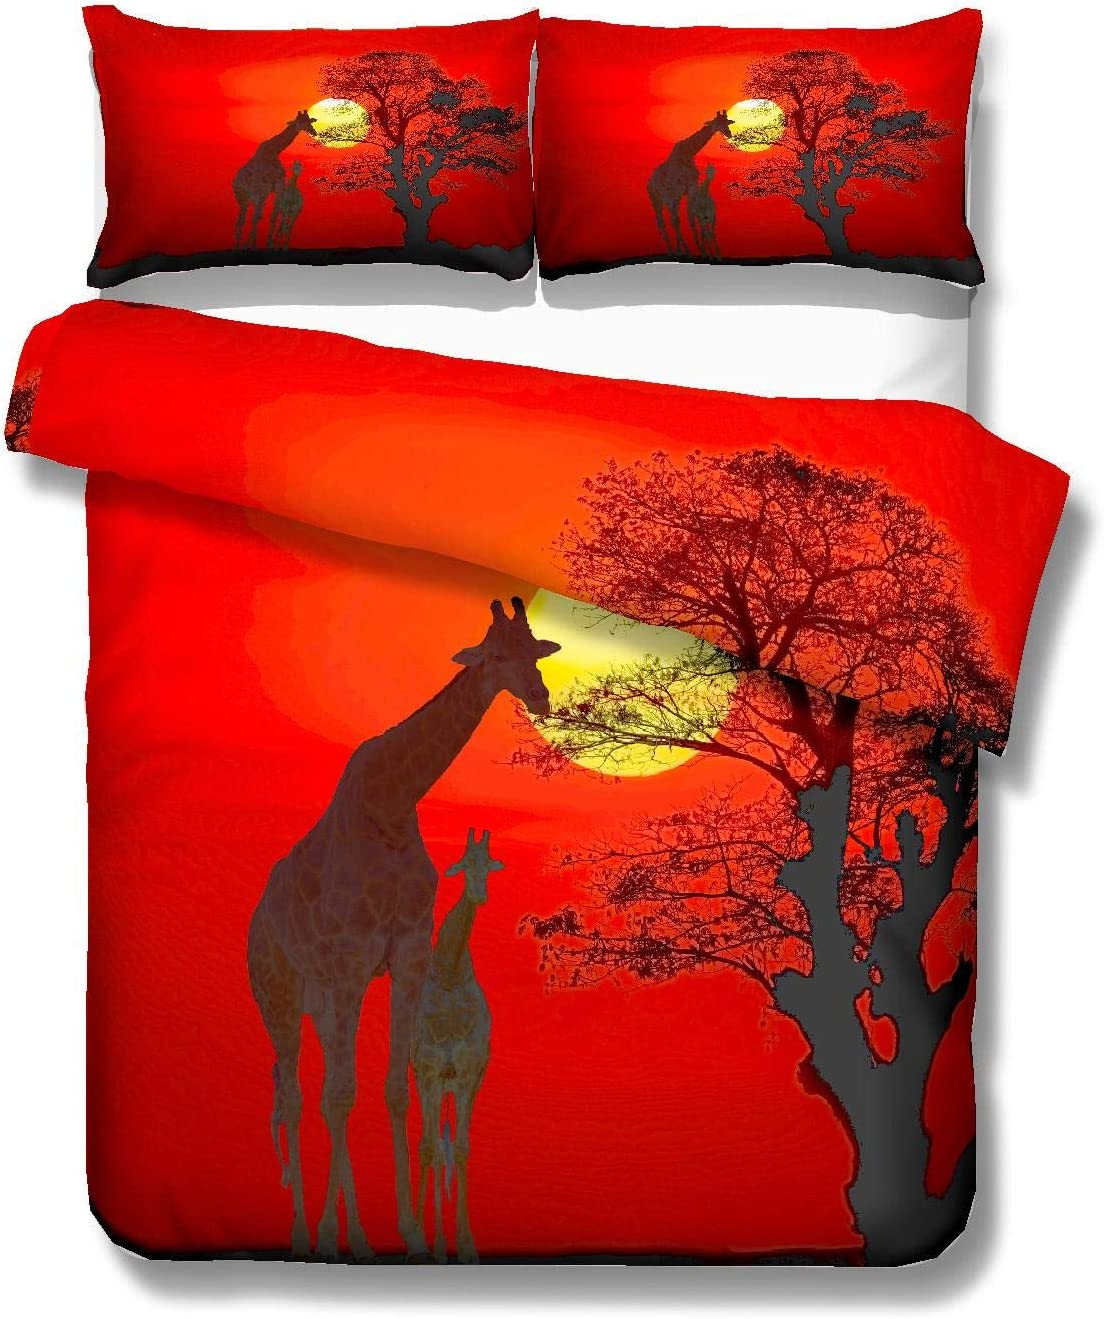 PATATINO MIO Giraffe Bedding Set Full,3D Microfiber Cartoon Giraffe Family by Sunset Gold Glow Orange Red Duvet Cover Set 3PCS for Kids,Boys and Girls,1 Duvet Cover 2 Pillow Sham,No Comforter